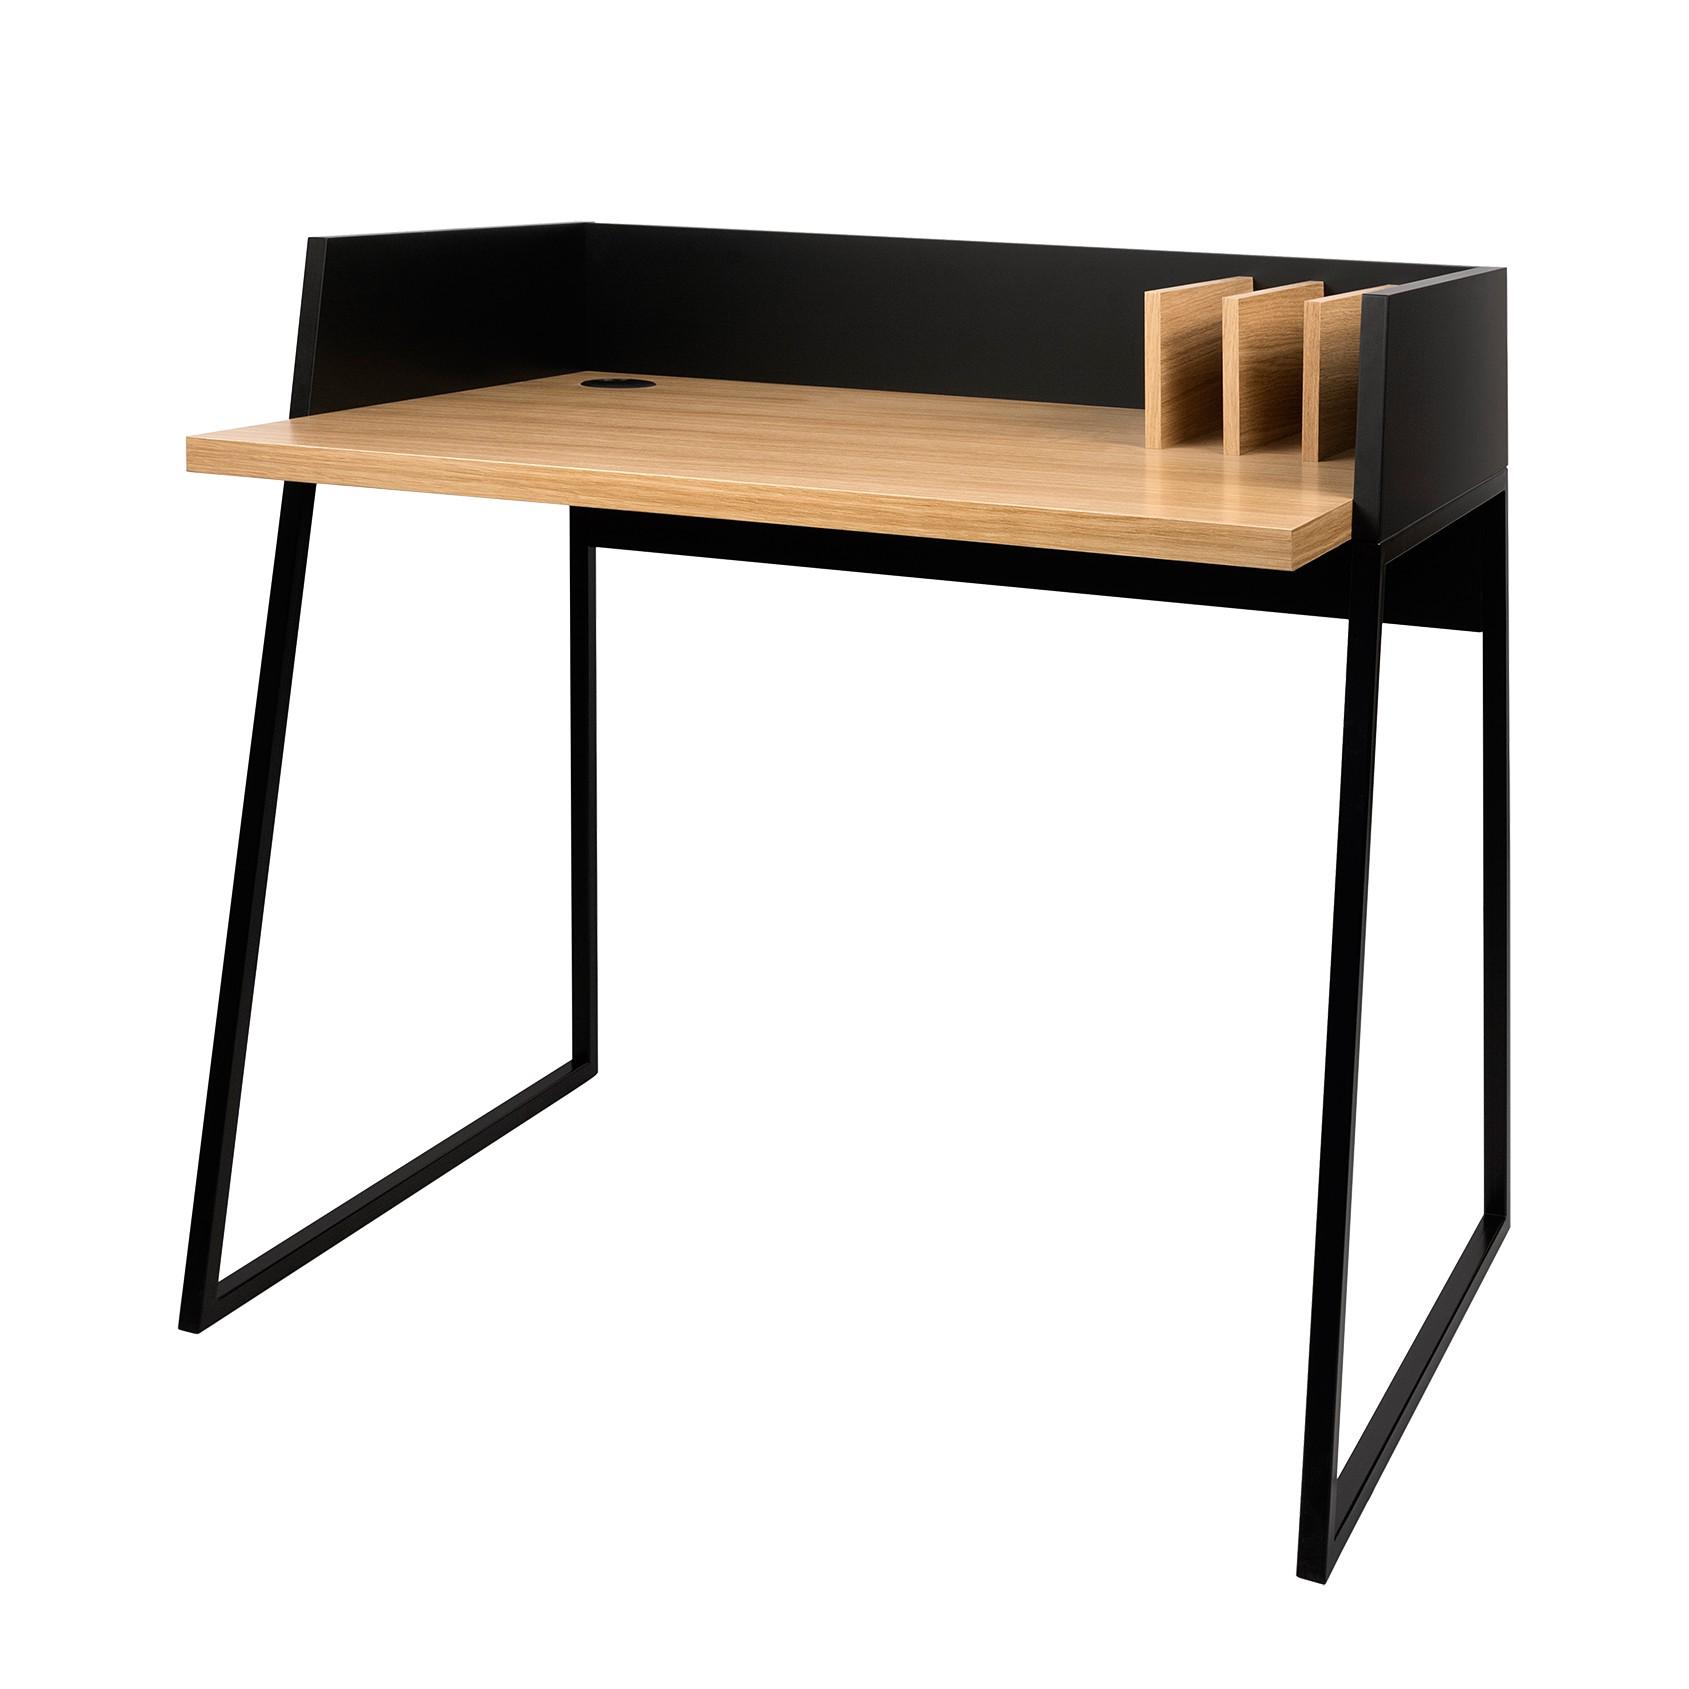 Schreibtisch Volga - Eiche / Schwarz, loftscape